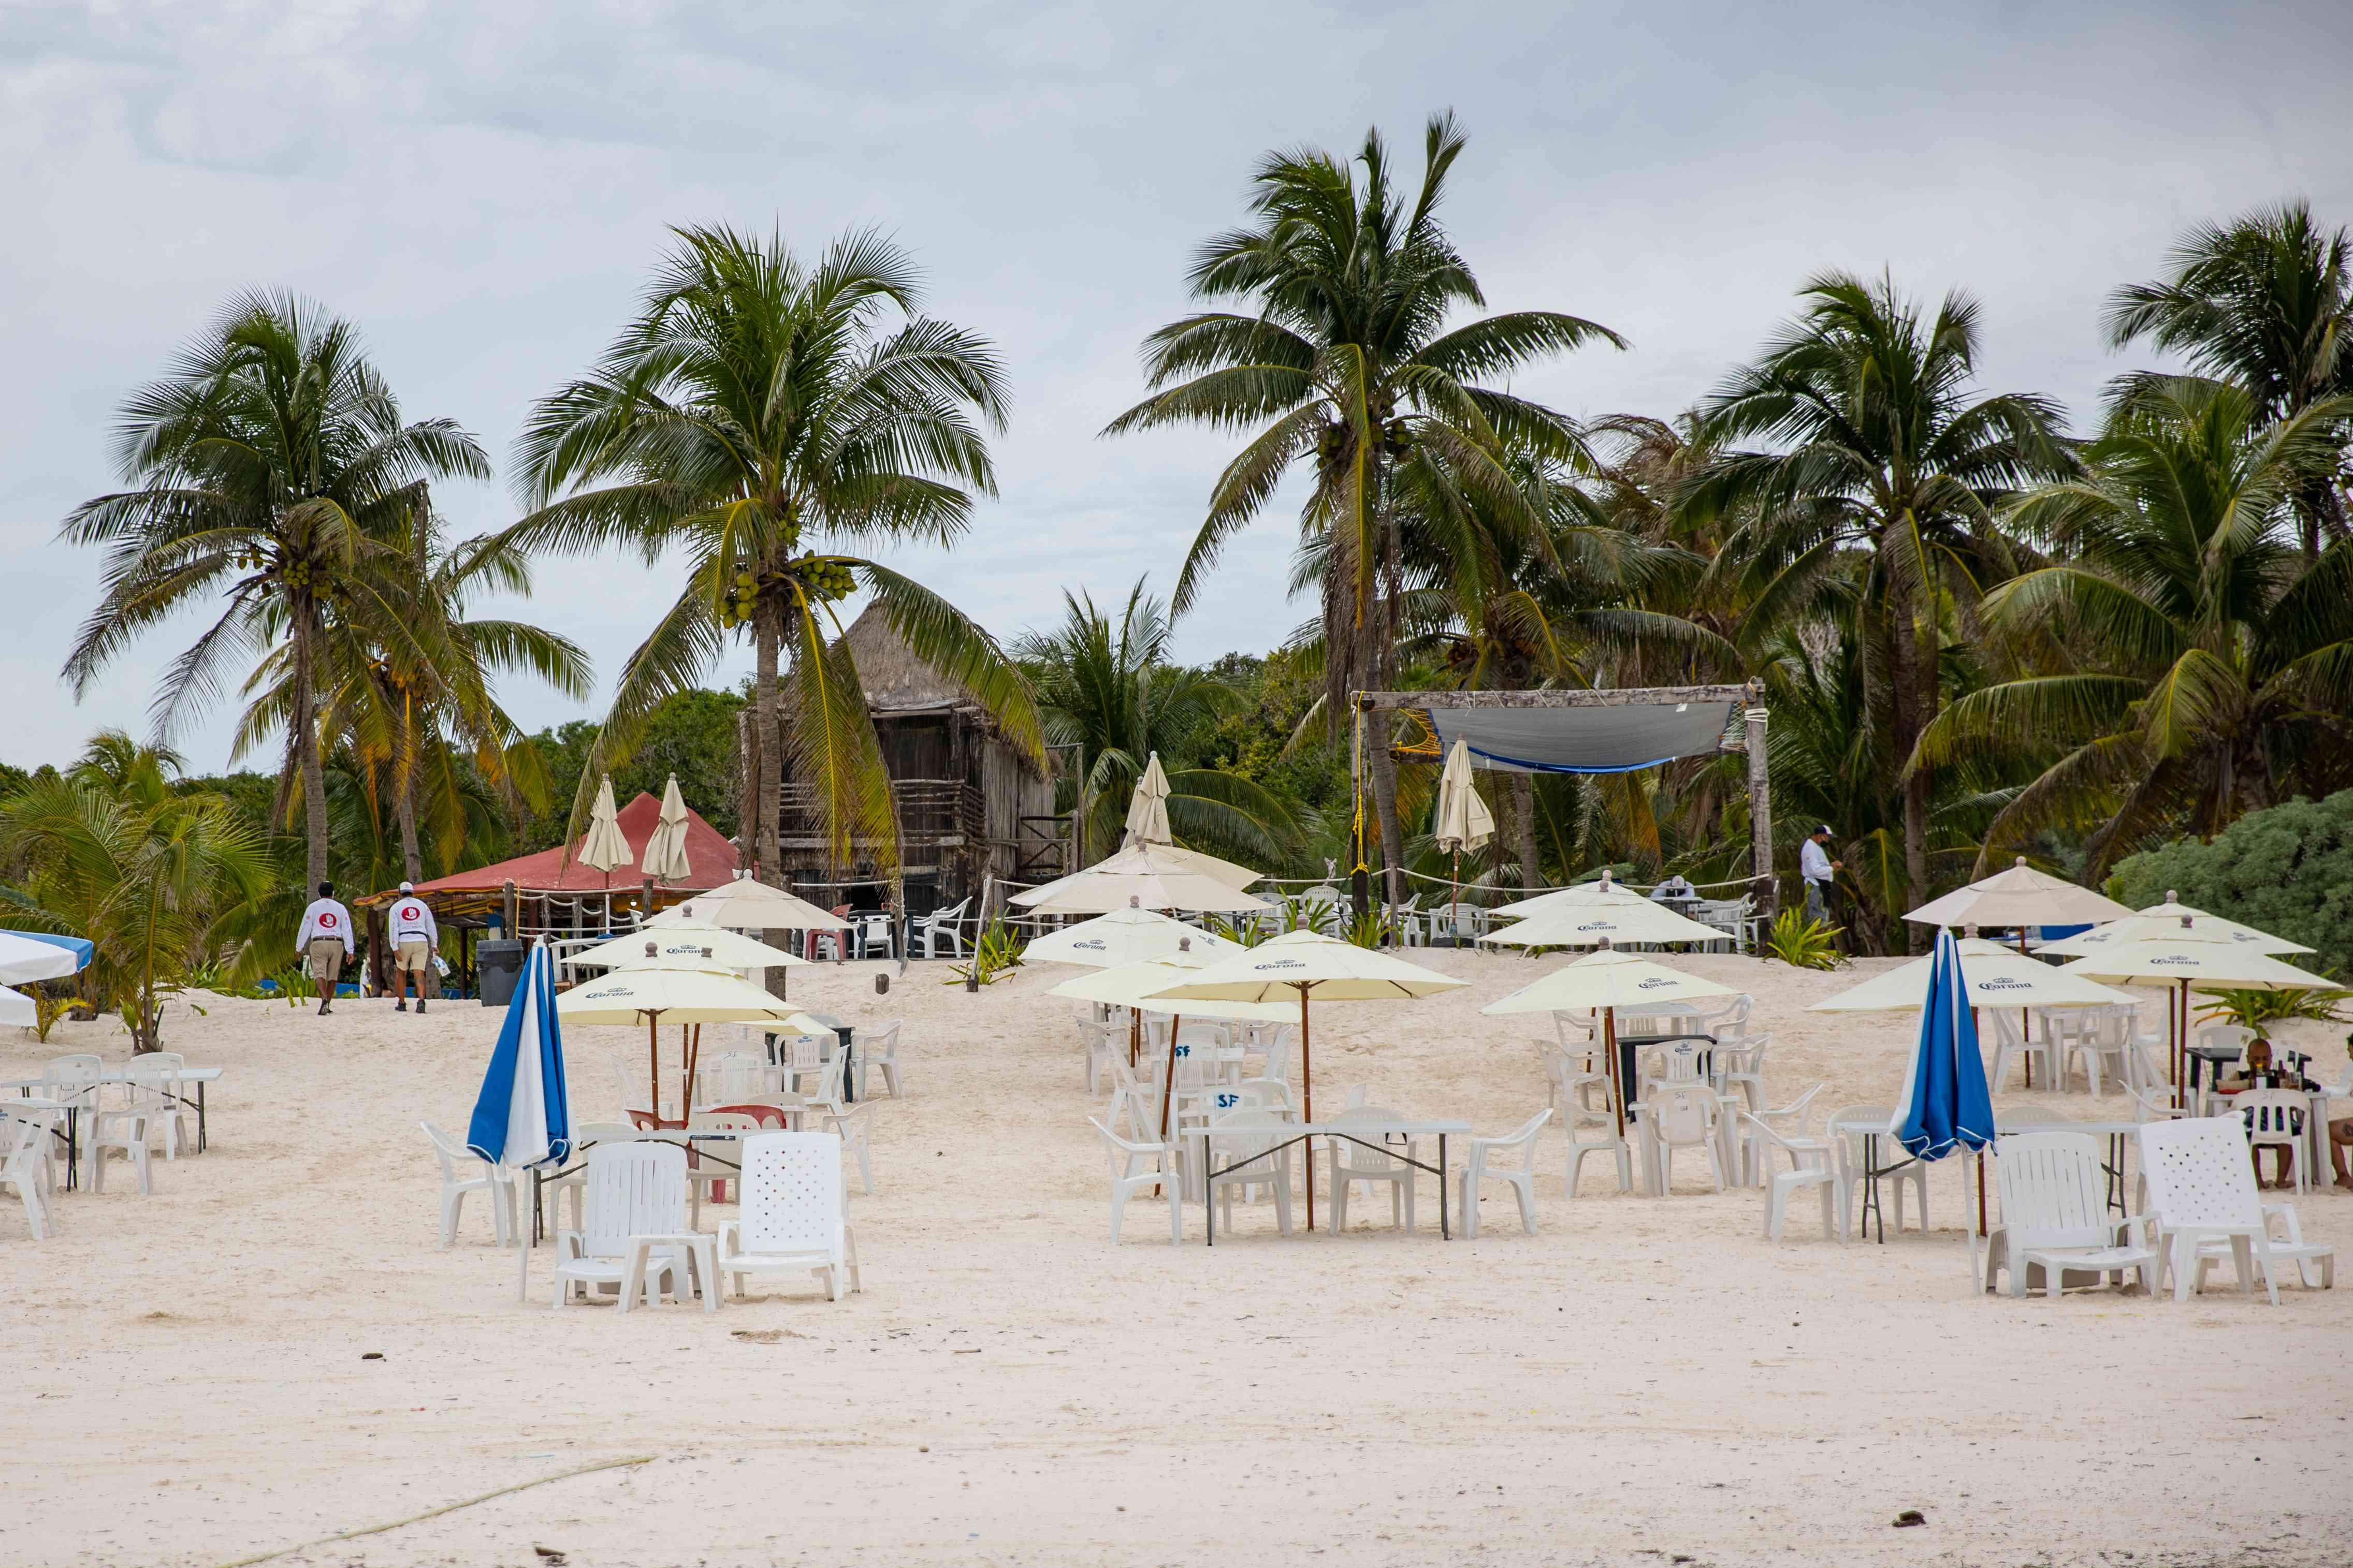 Chairs on the beach at Playa Santa Fe